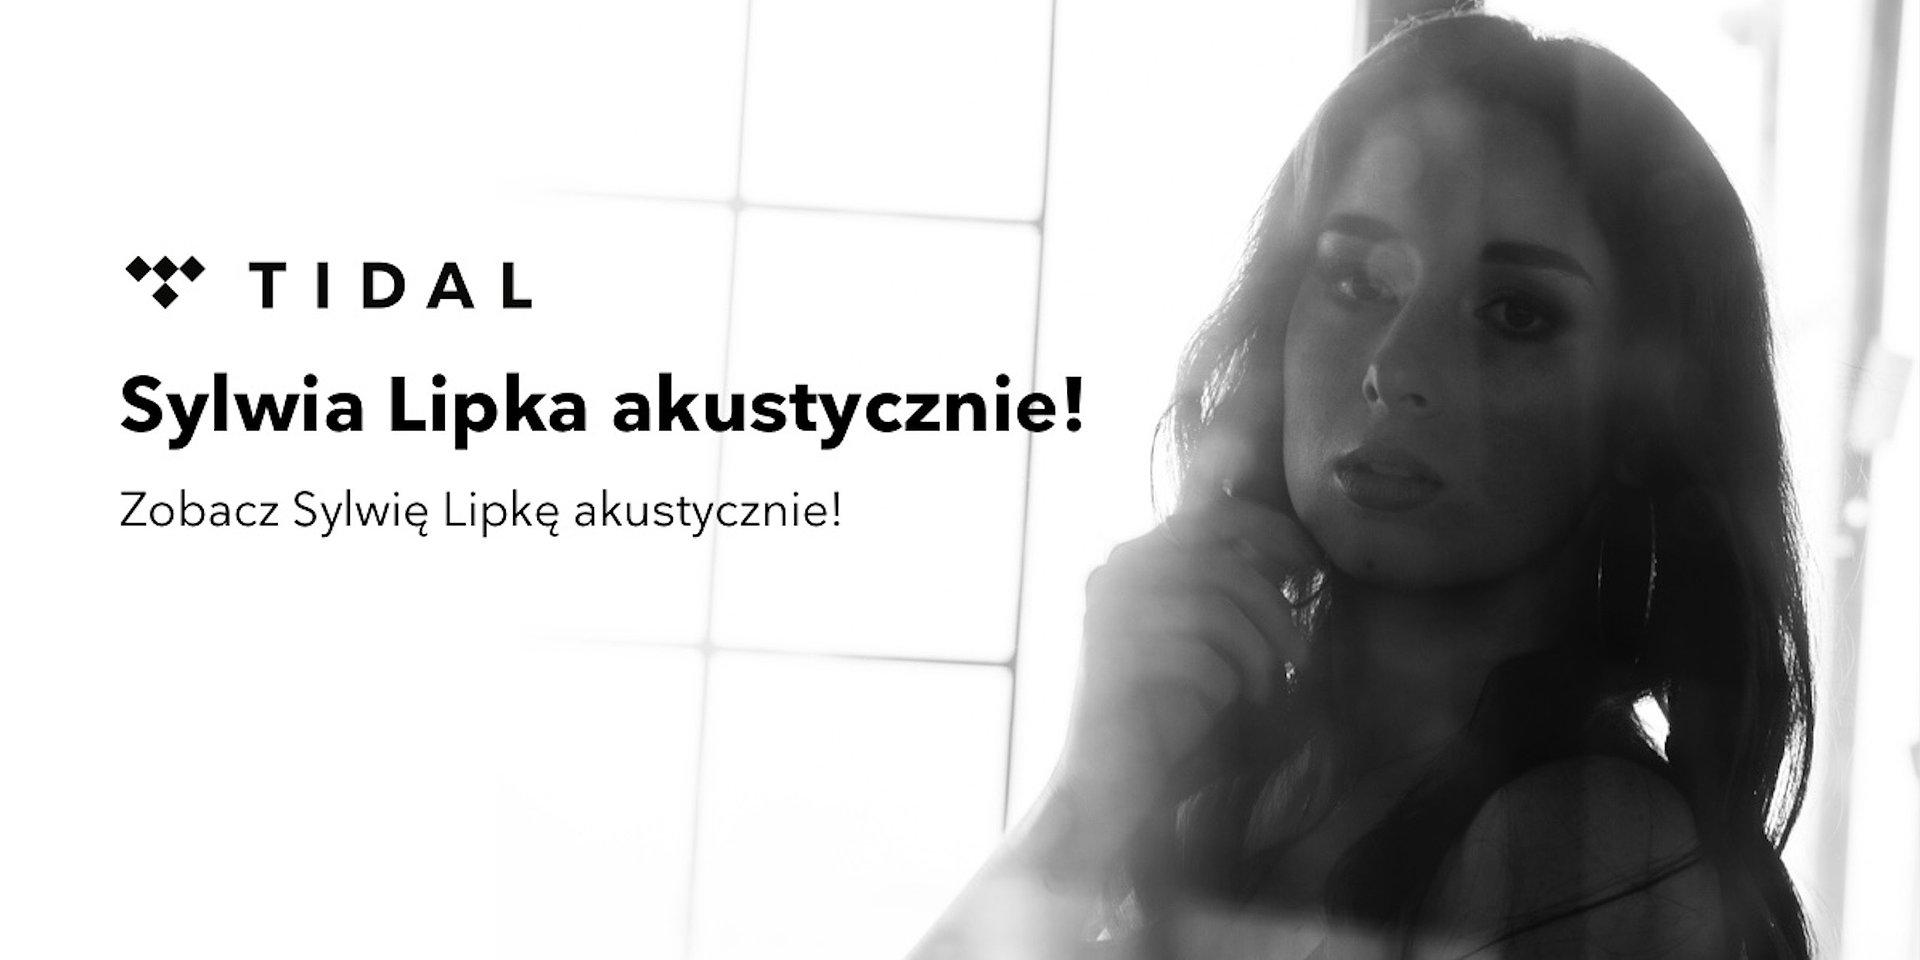 Sylwia Lipka akustycznie tylko w TIDAL!